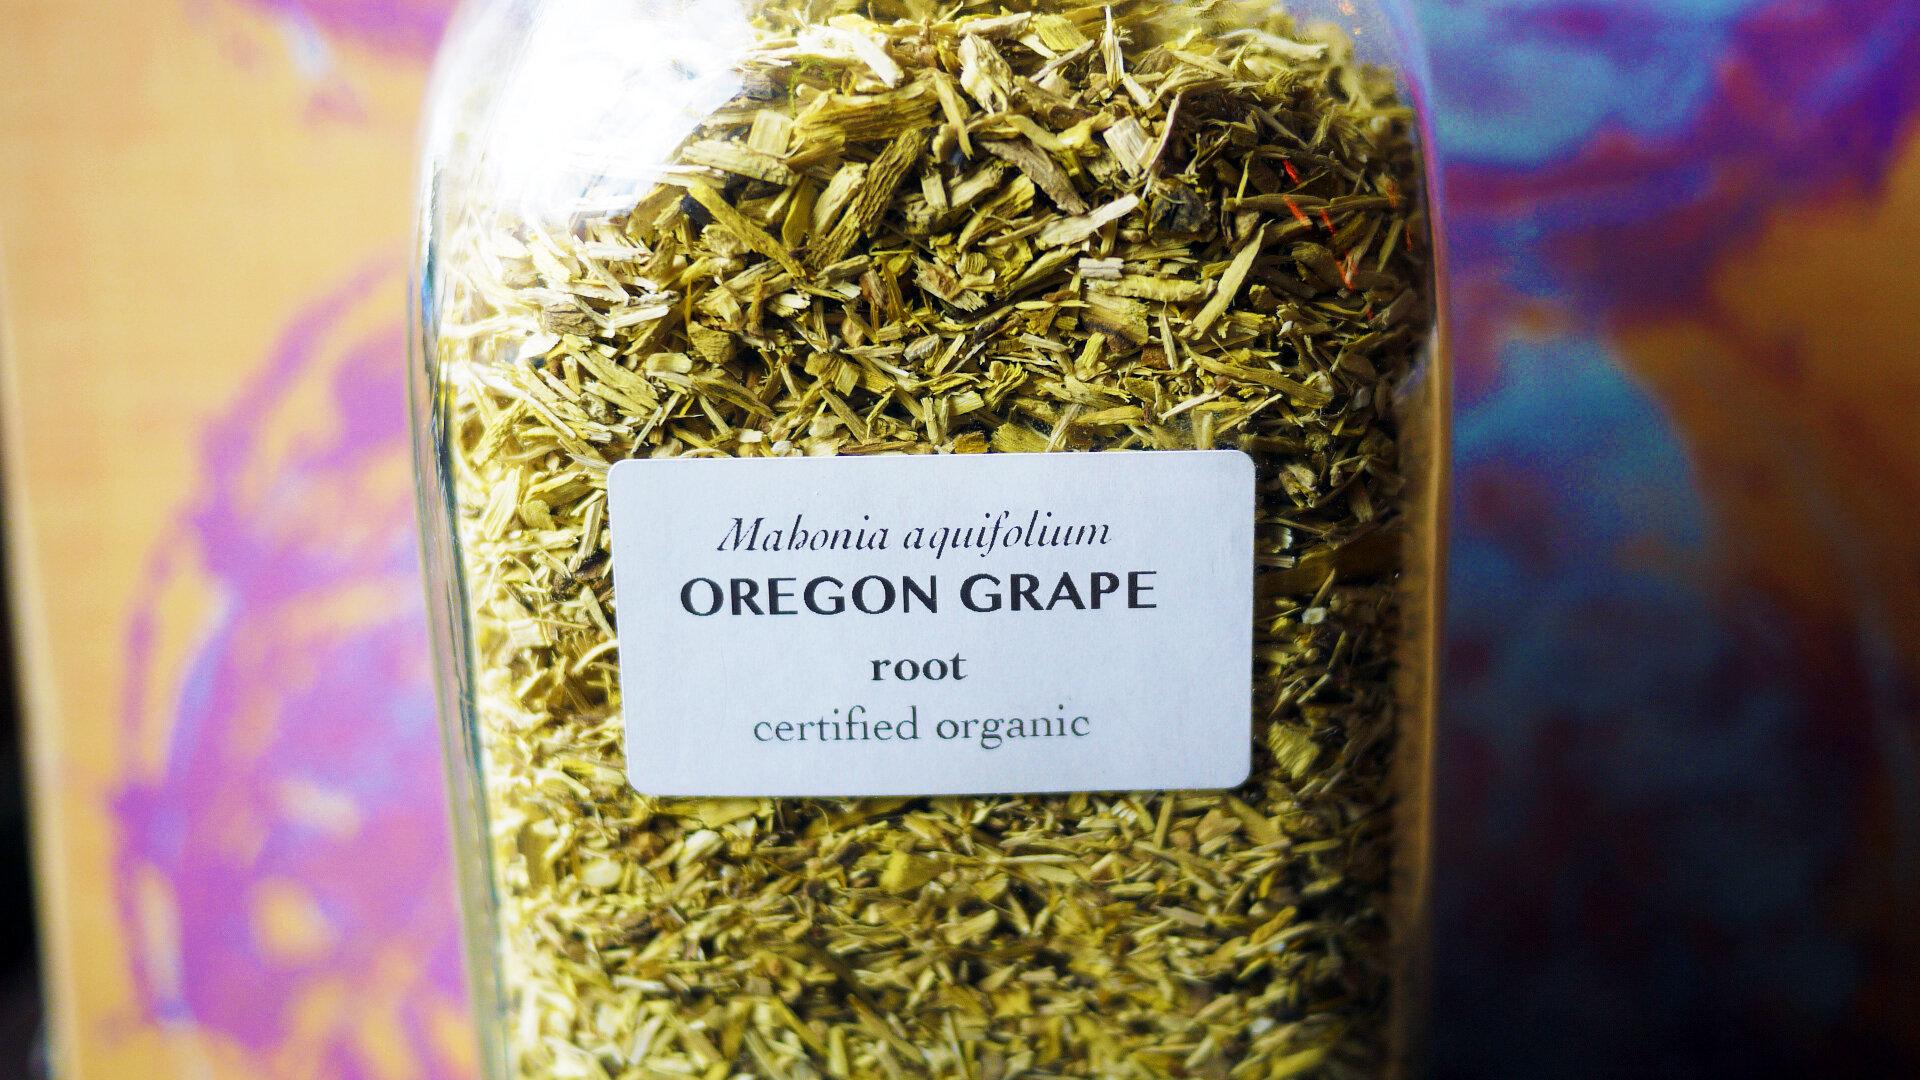 Oregongraperoot.jpg